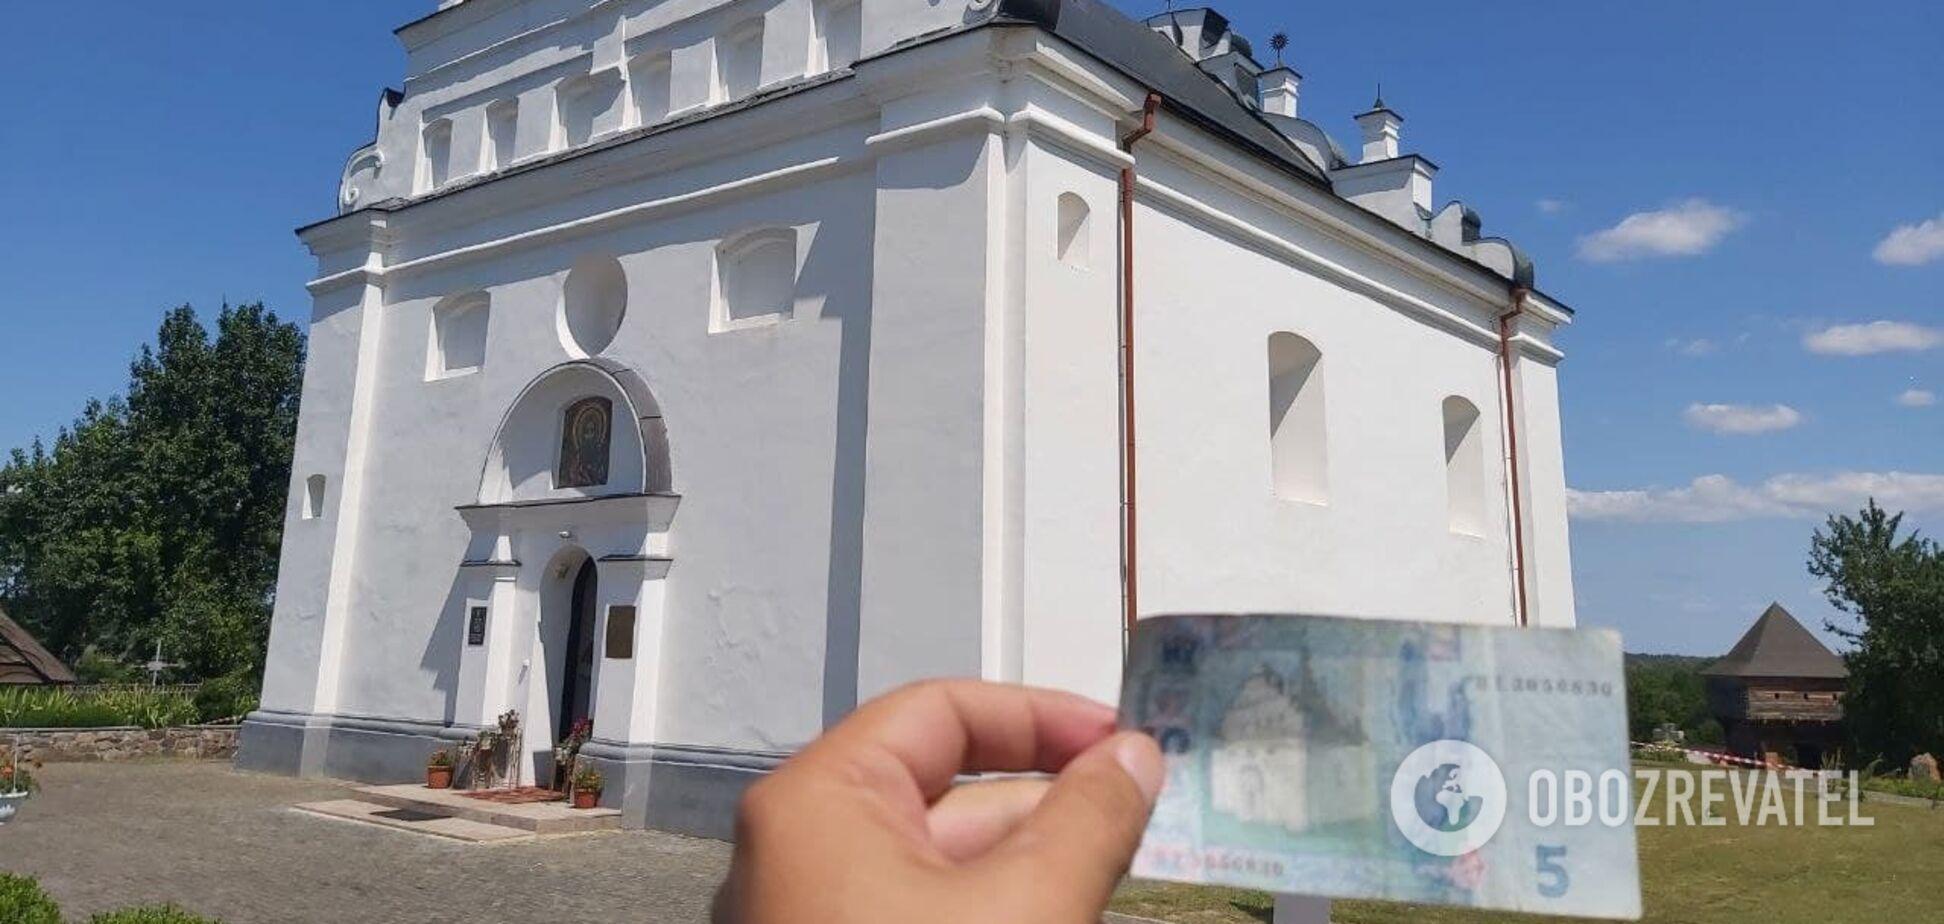 Забута столиця України: як нині виглядають місця, де жив гетьман Хмельницький